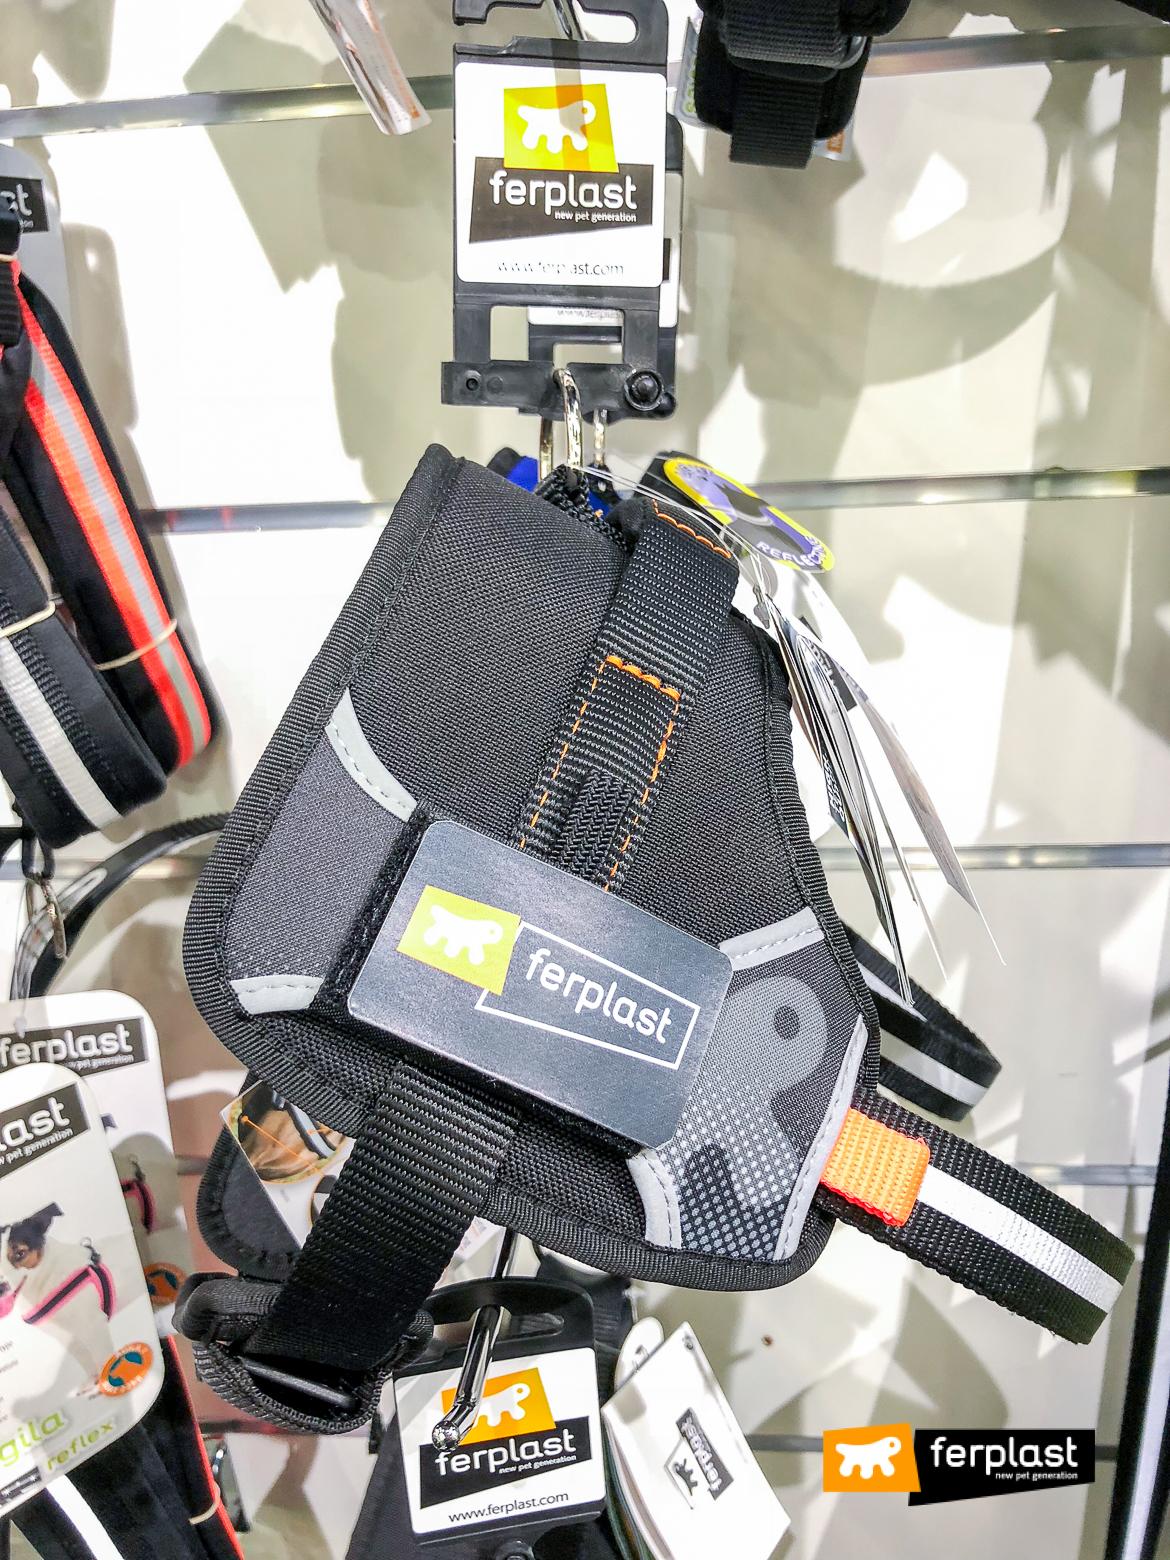 высокотехнологичная шлейка Hercules ferplast цена